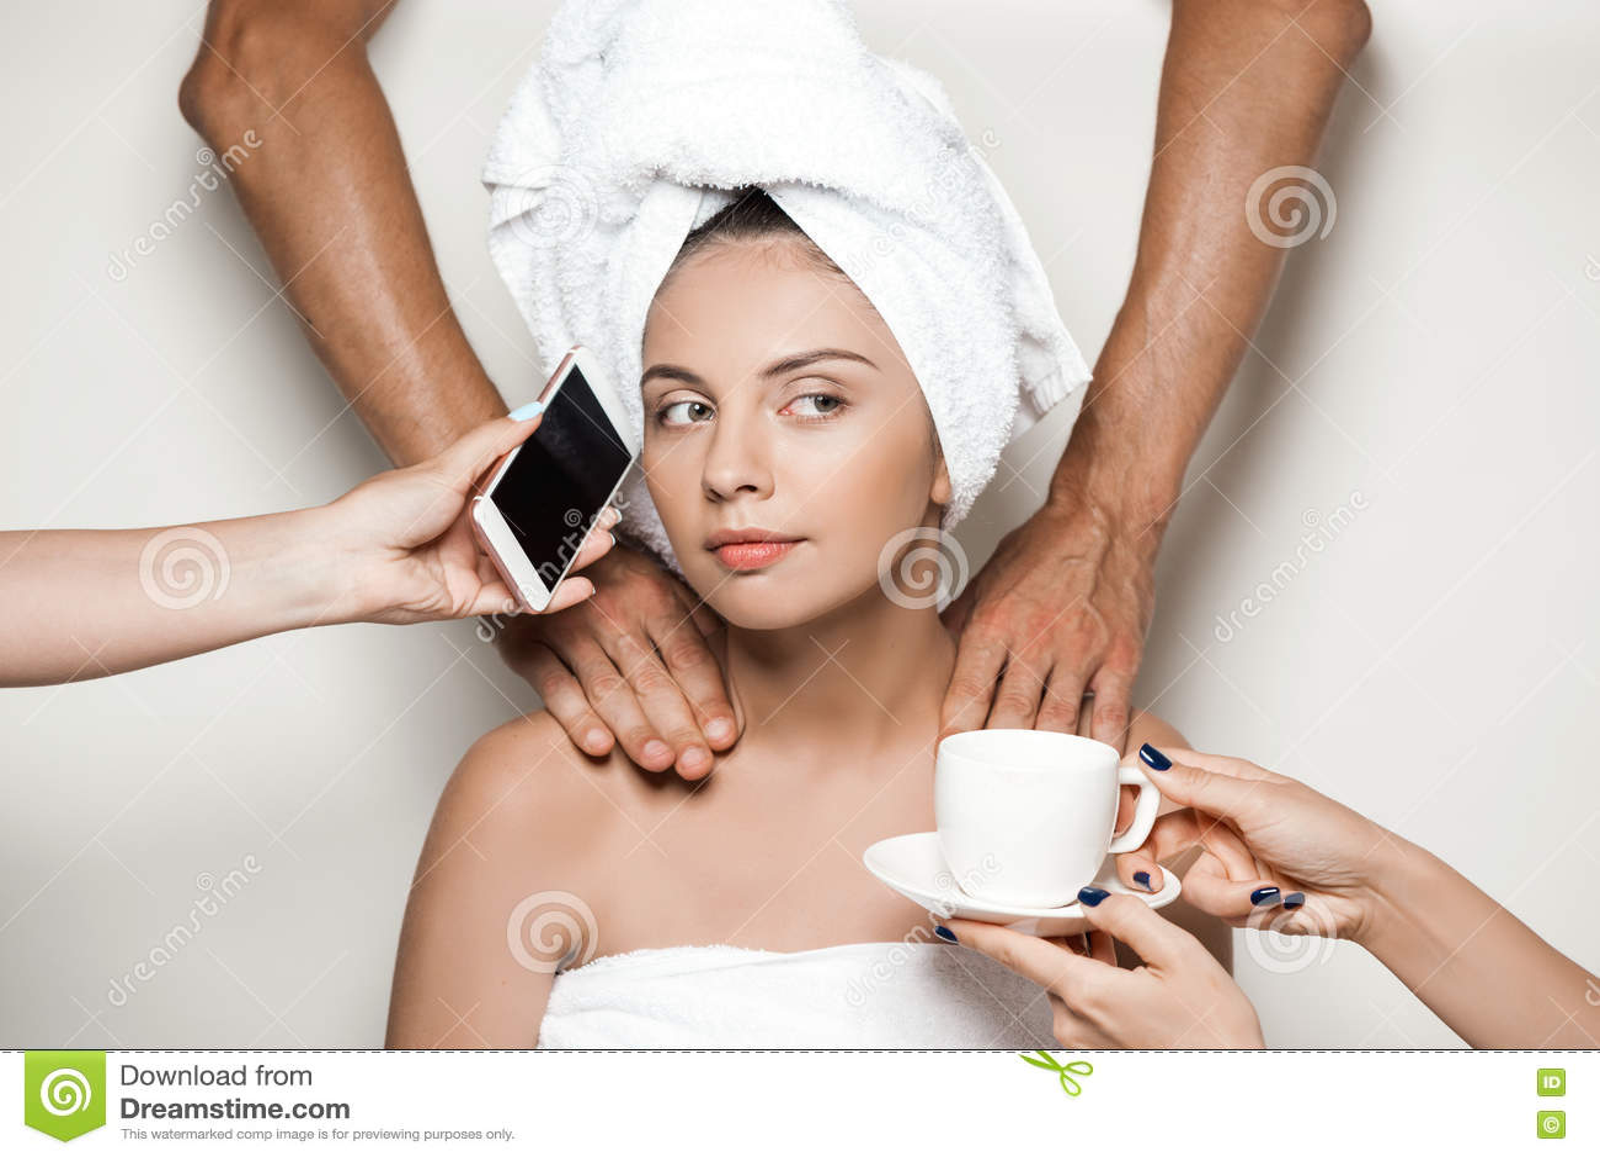 Как сделать девушке массаж видео